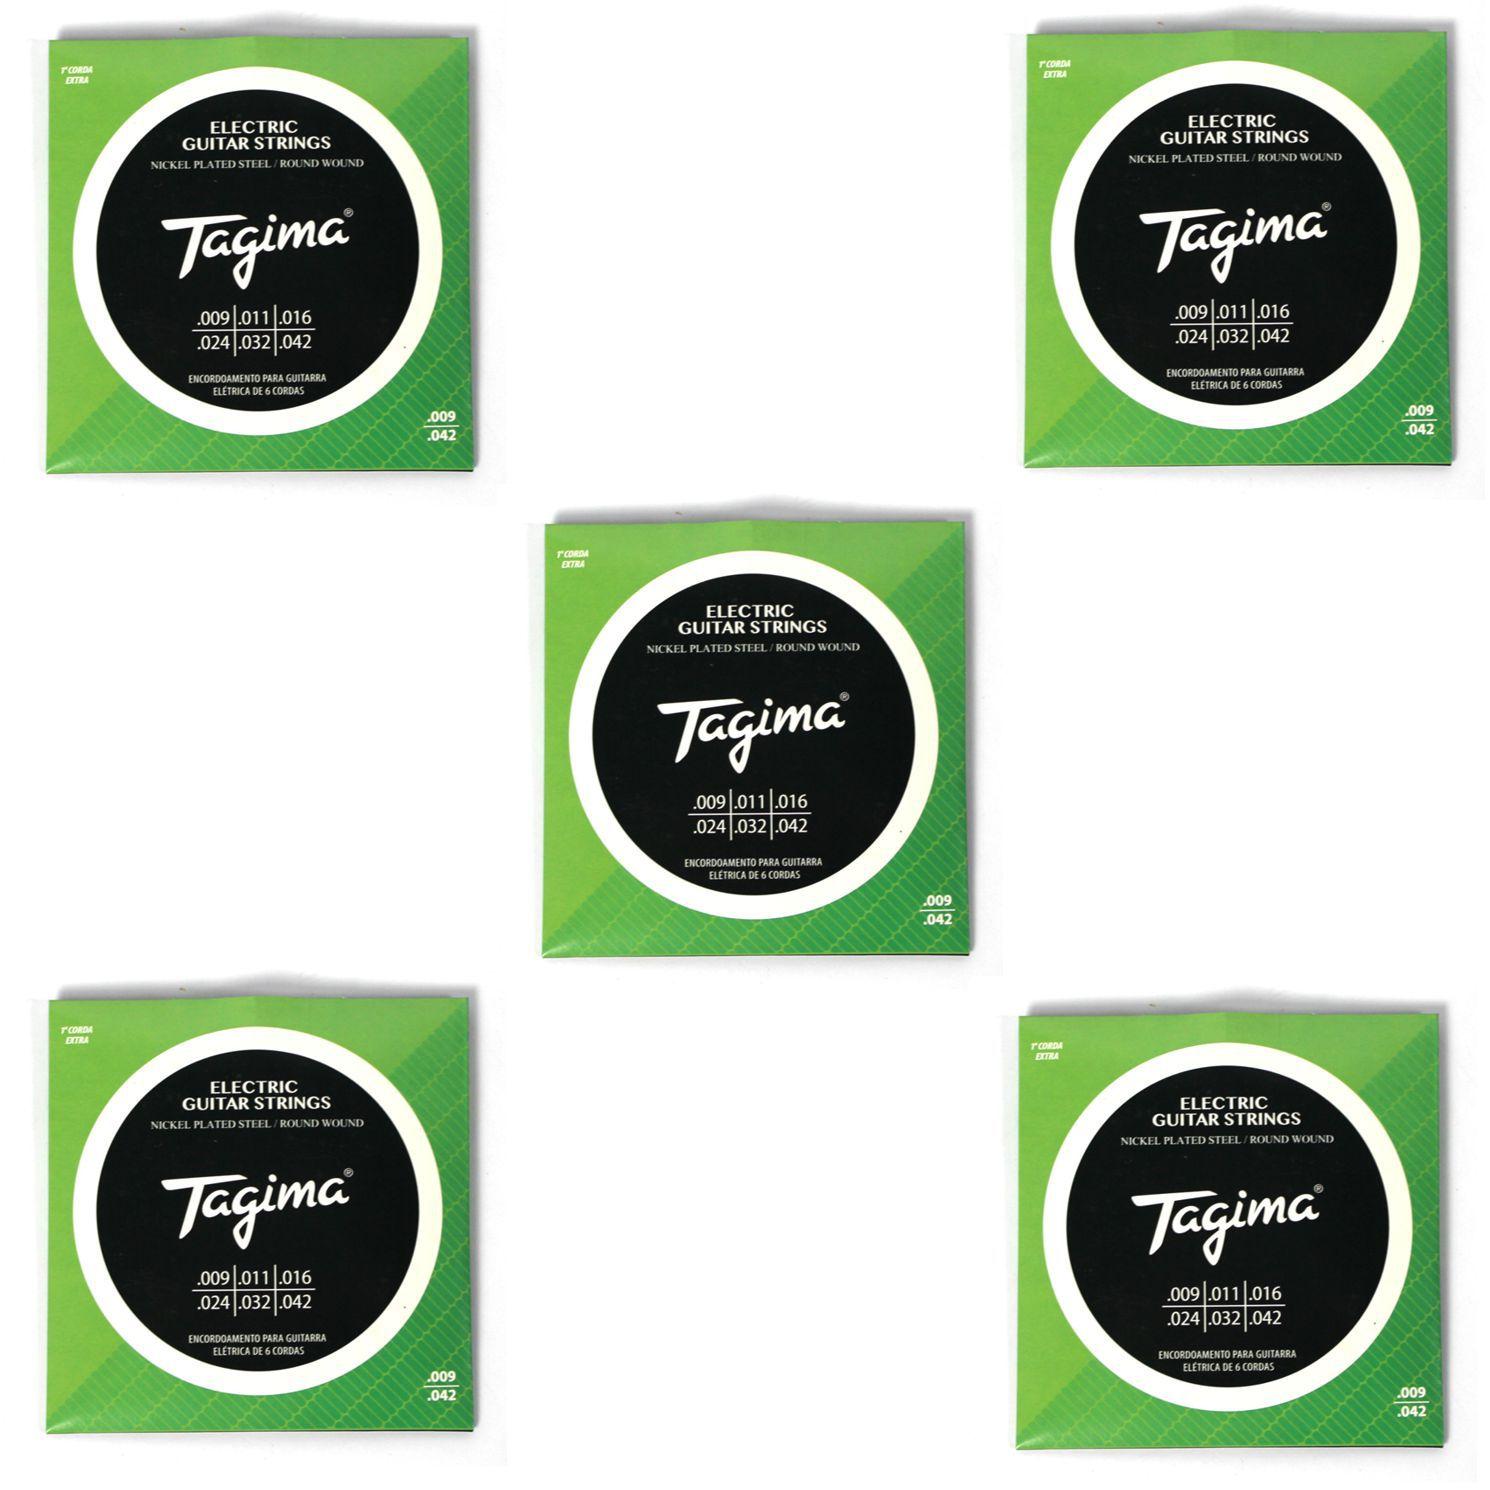 Encordoamento para Guitarra 009 Tagima - TGT-009 - 05 Unidades